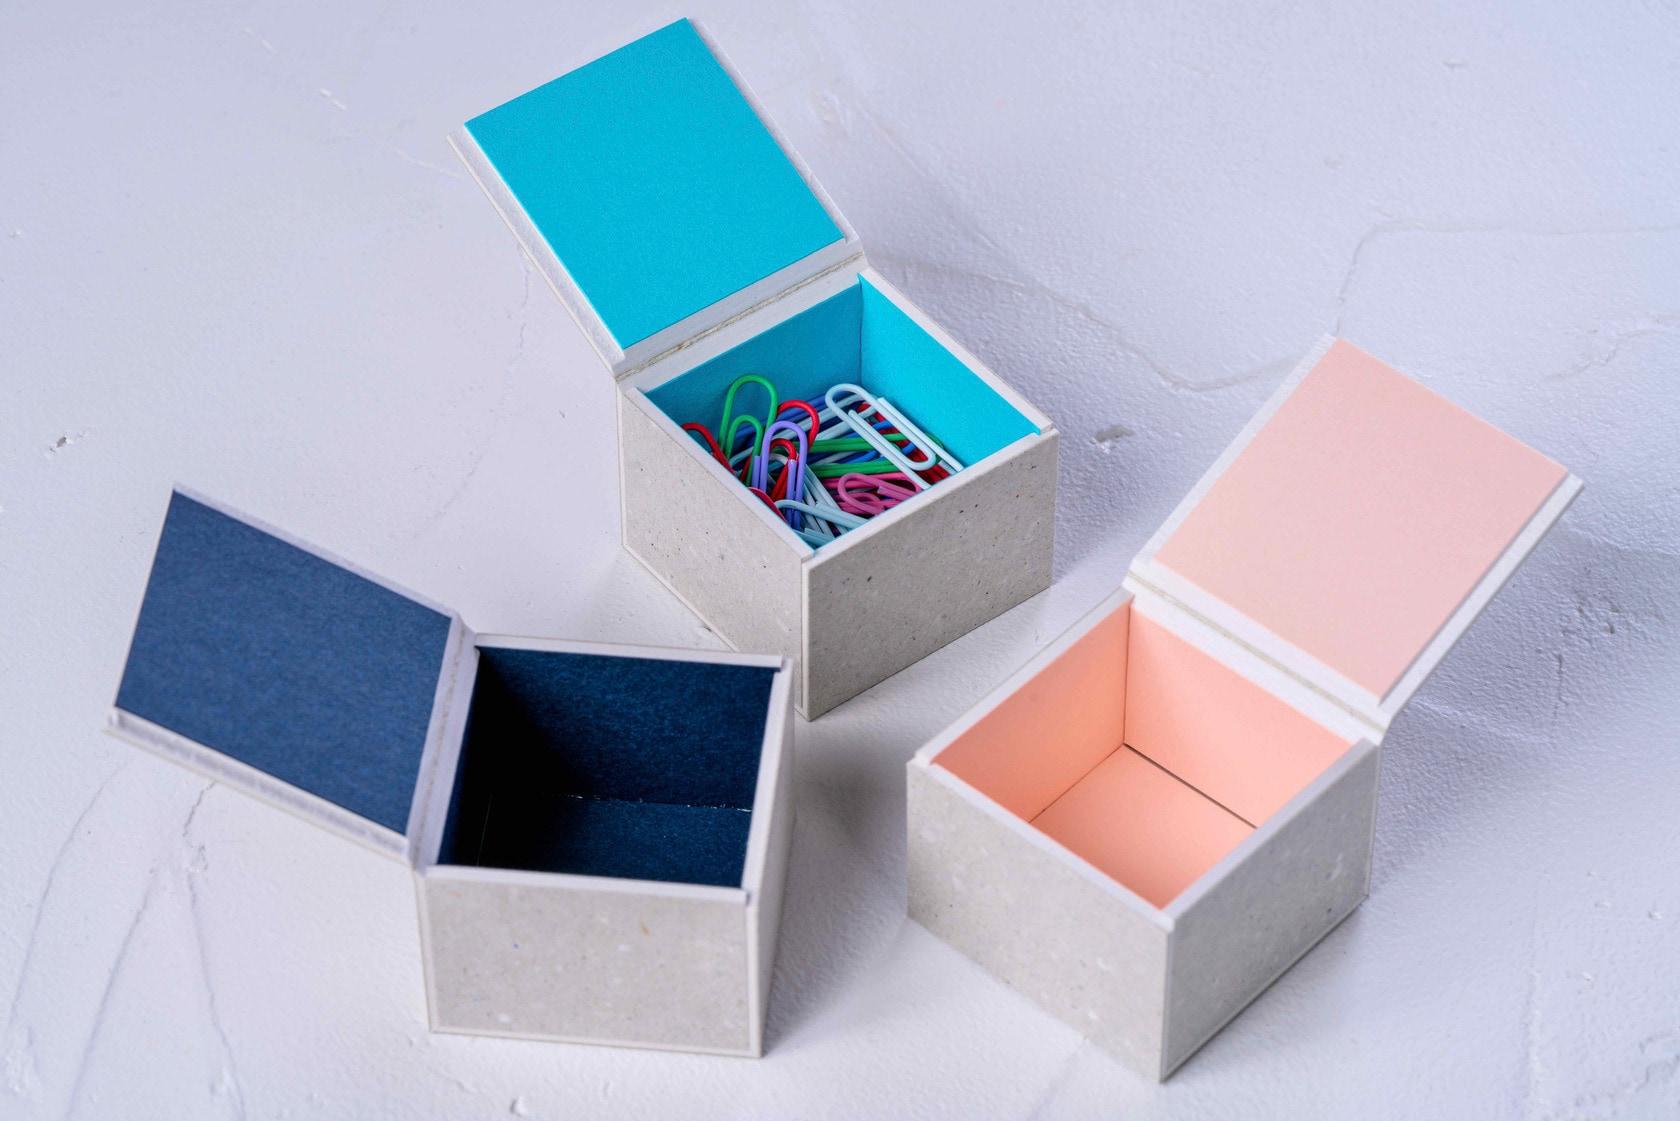 モリタのミニマムスペースボックス3の蓋を開ける,内側がカラフルな小さな紙箱